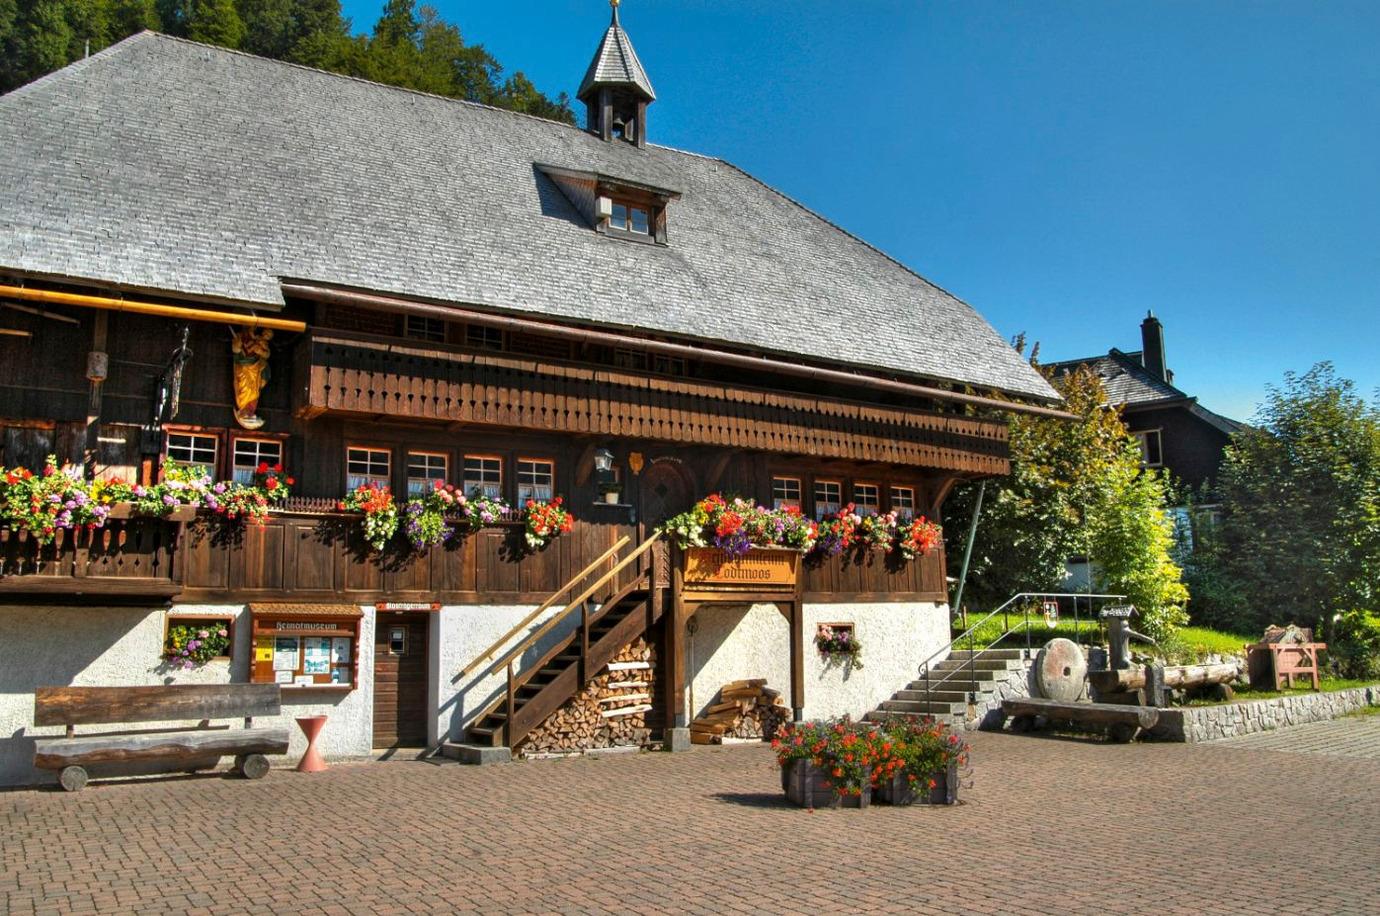 Ferienwohnung Kupferkanne - Fewo Wand  Nr 21 - Todtmoos, Liftverbund Feldberg (2641734), Todtmoos, Schwarzwald, Baden-Württemberg, Deutschland, Bild 17